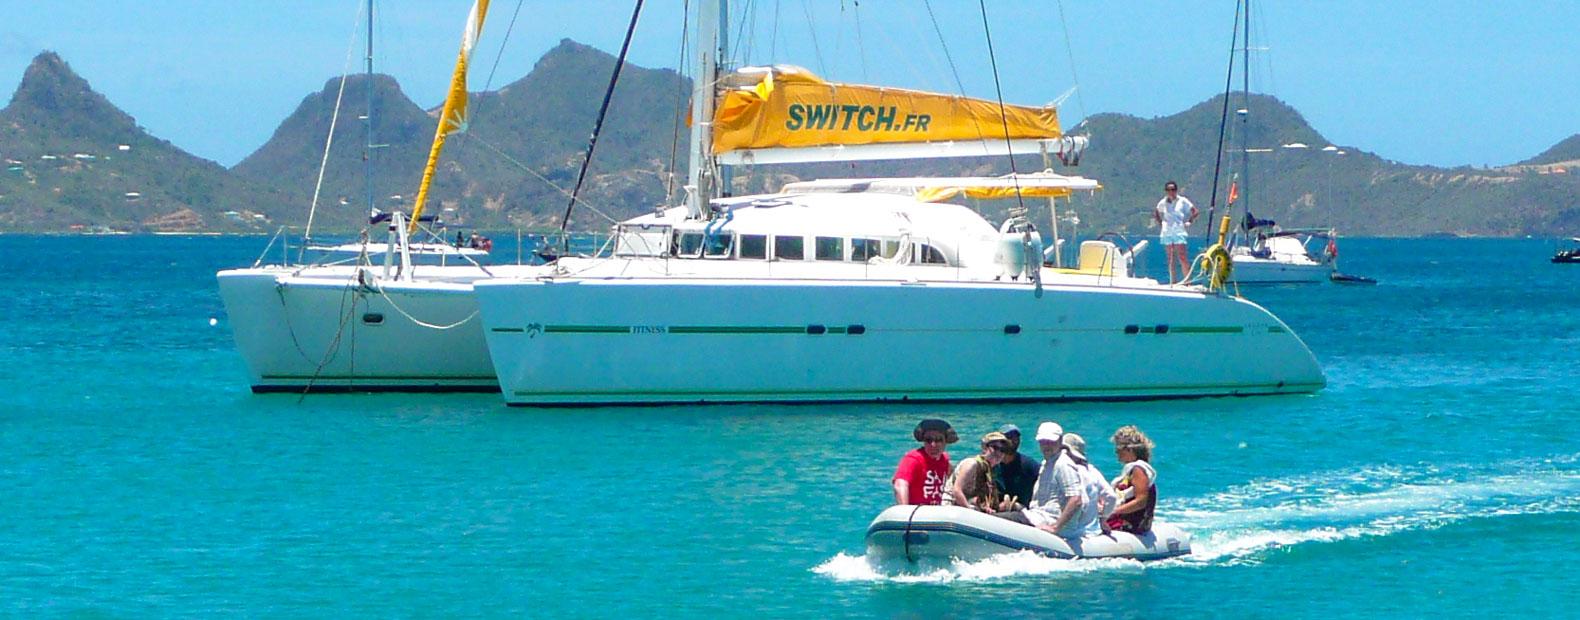 emploi hotesse catamaran